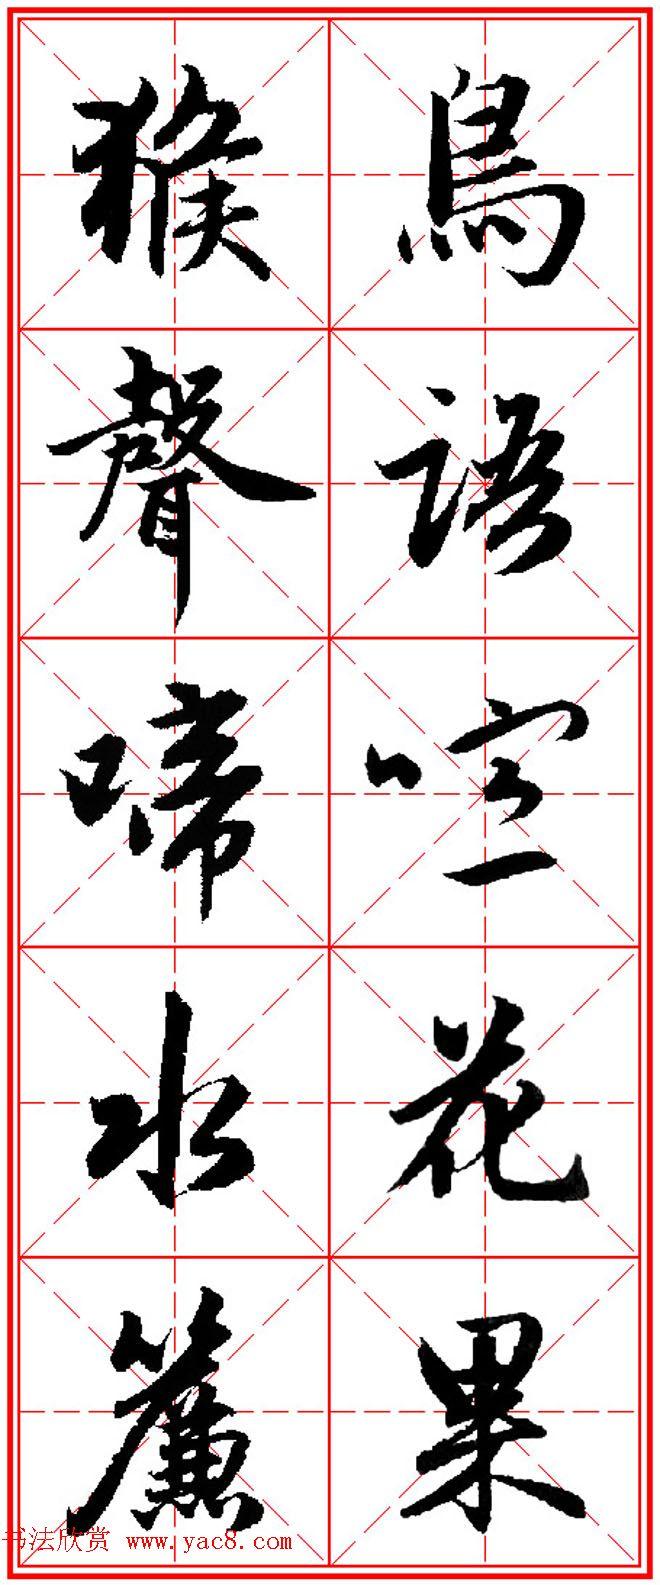 猴年春联书法欣赏 集赵孟頫行书字体五言对联 第6页 书法专题 书法欣赏图片